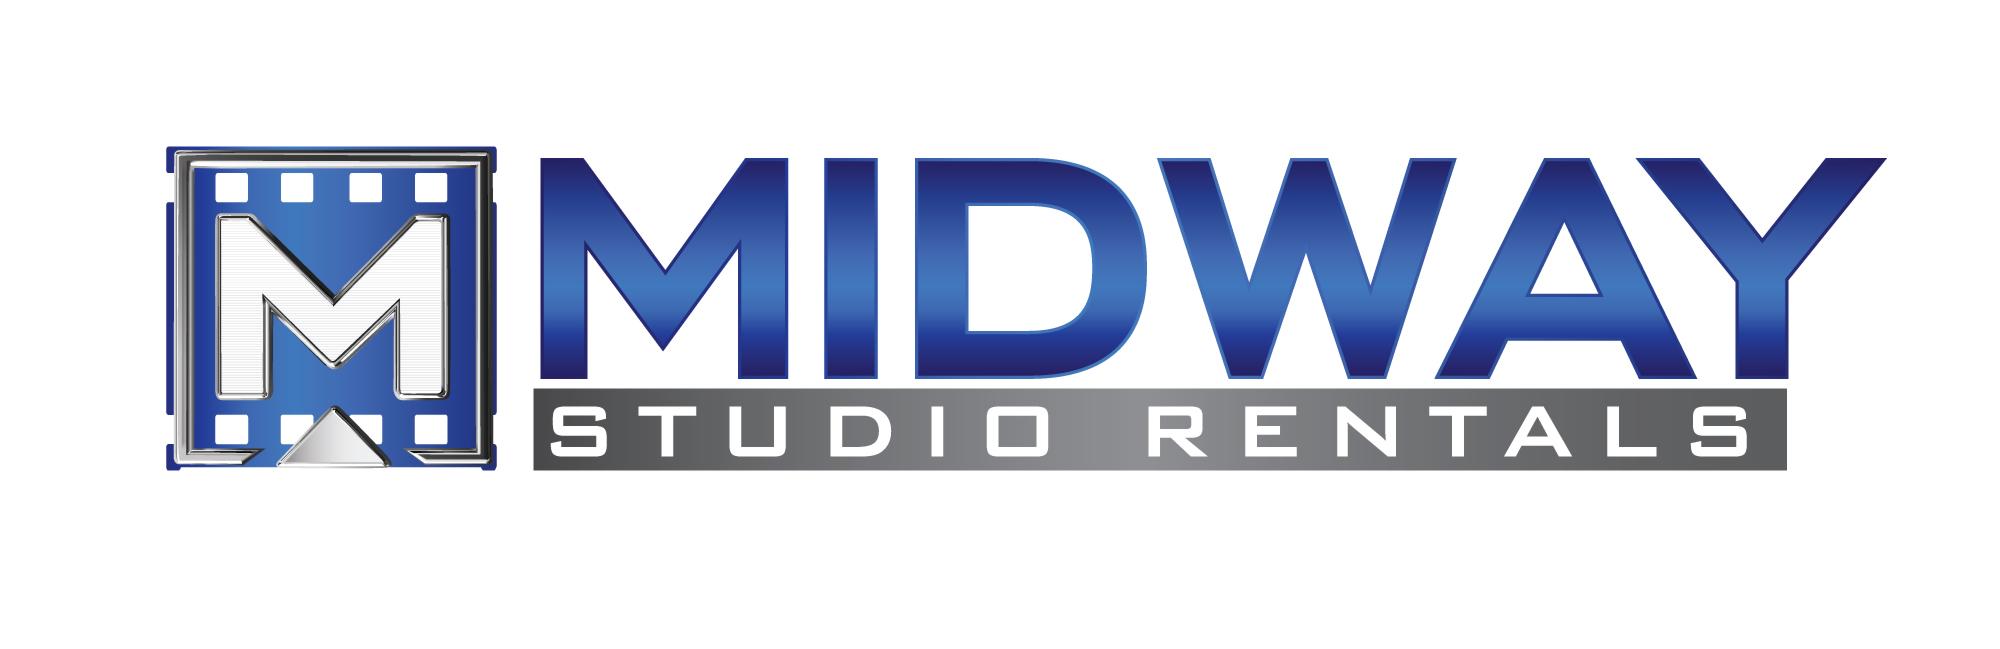 Midway Studio Rentals Logo